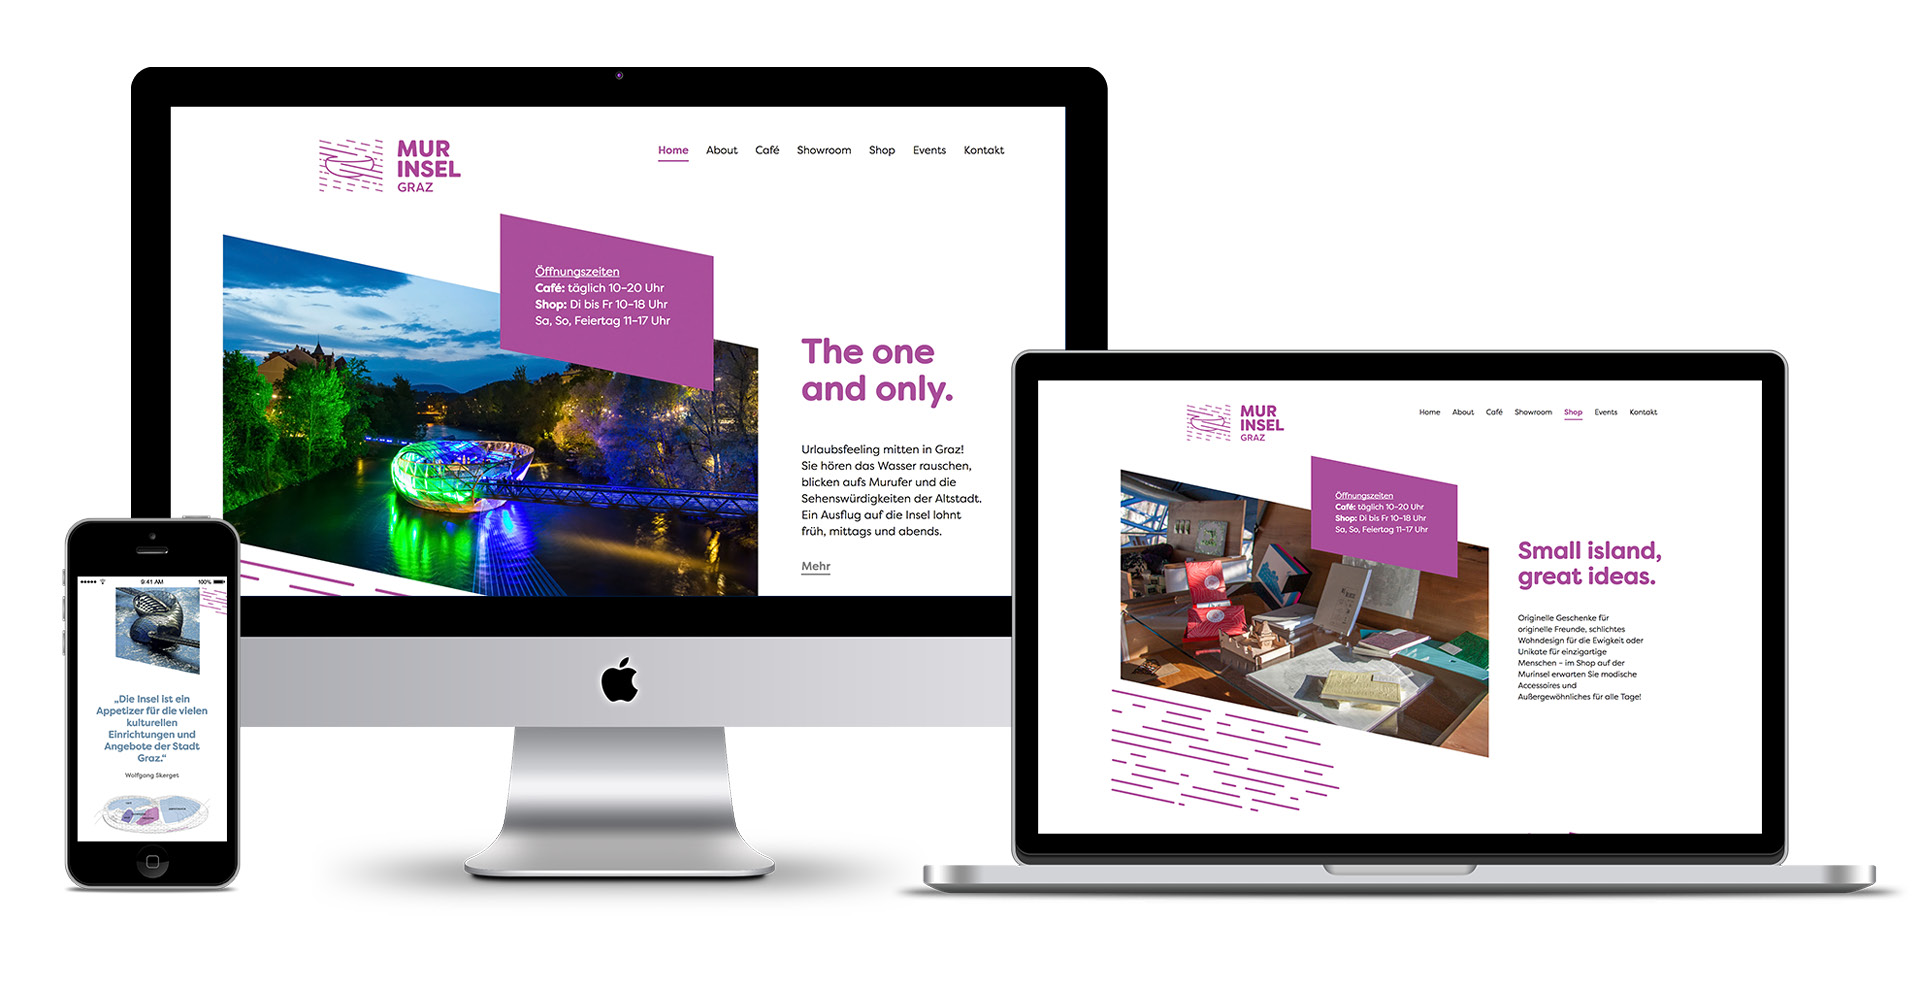 Markenentwicklung Webdesign von look design Graz fuer Murinsel